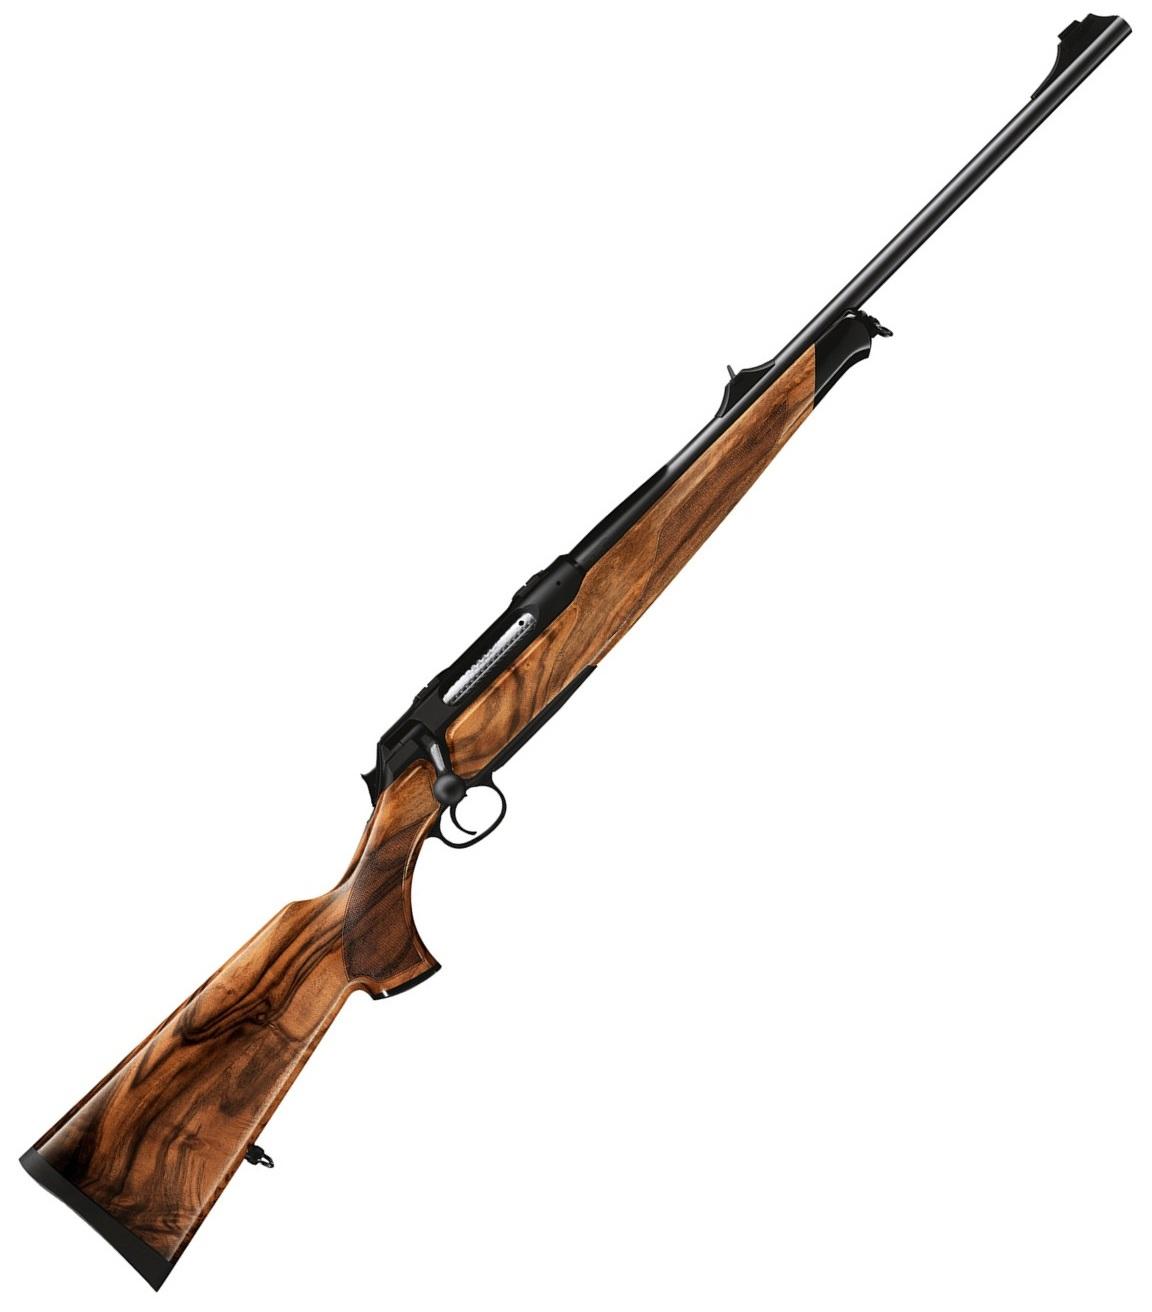 Carabine à verrou SAUER 100 - 101 - 404